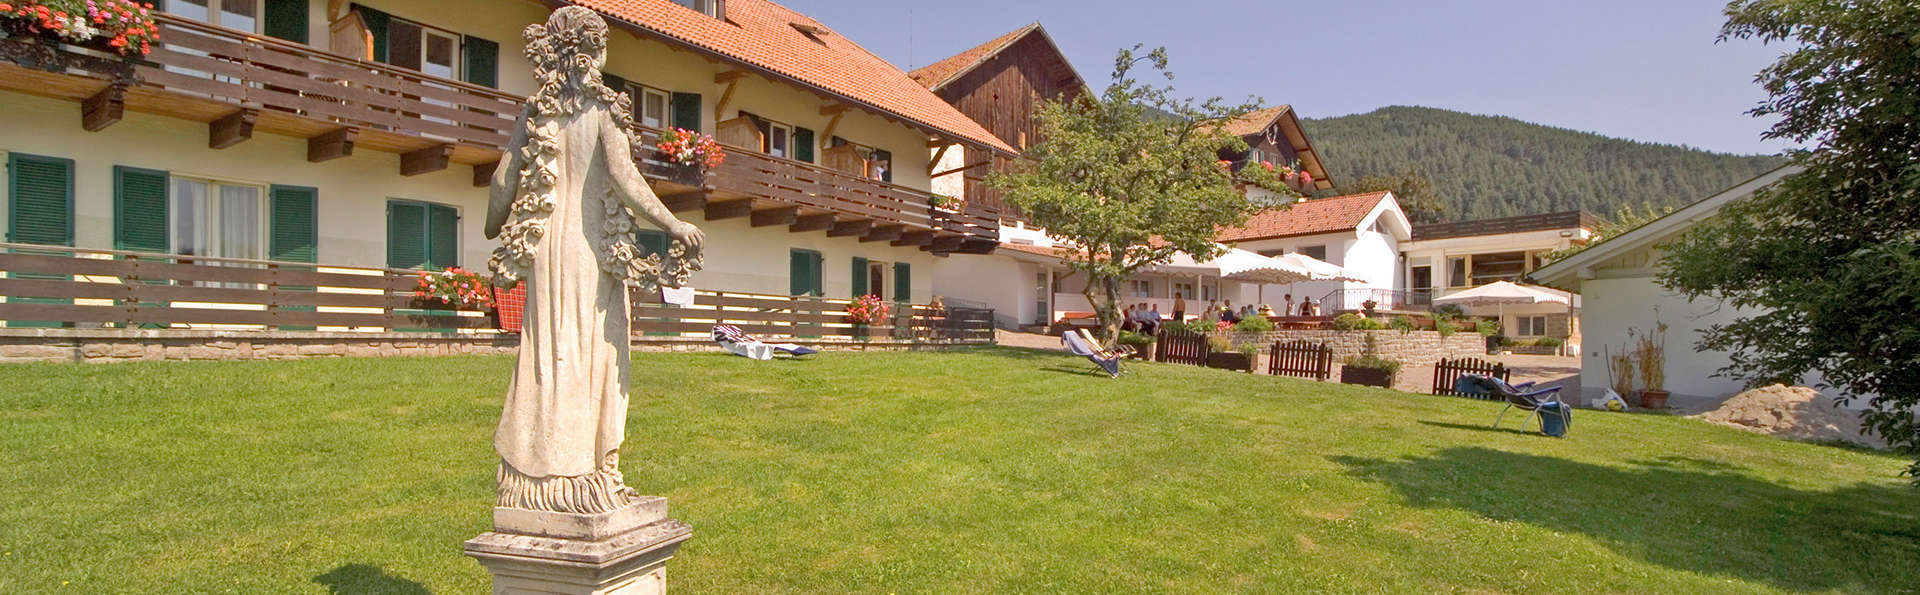 Relájate en un media pensión en los Dolomitas italianos (desde 3 noches)